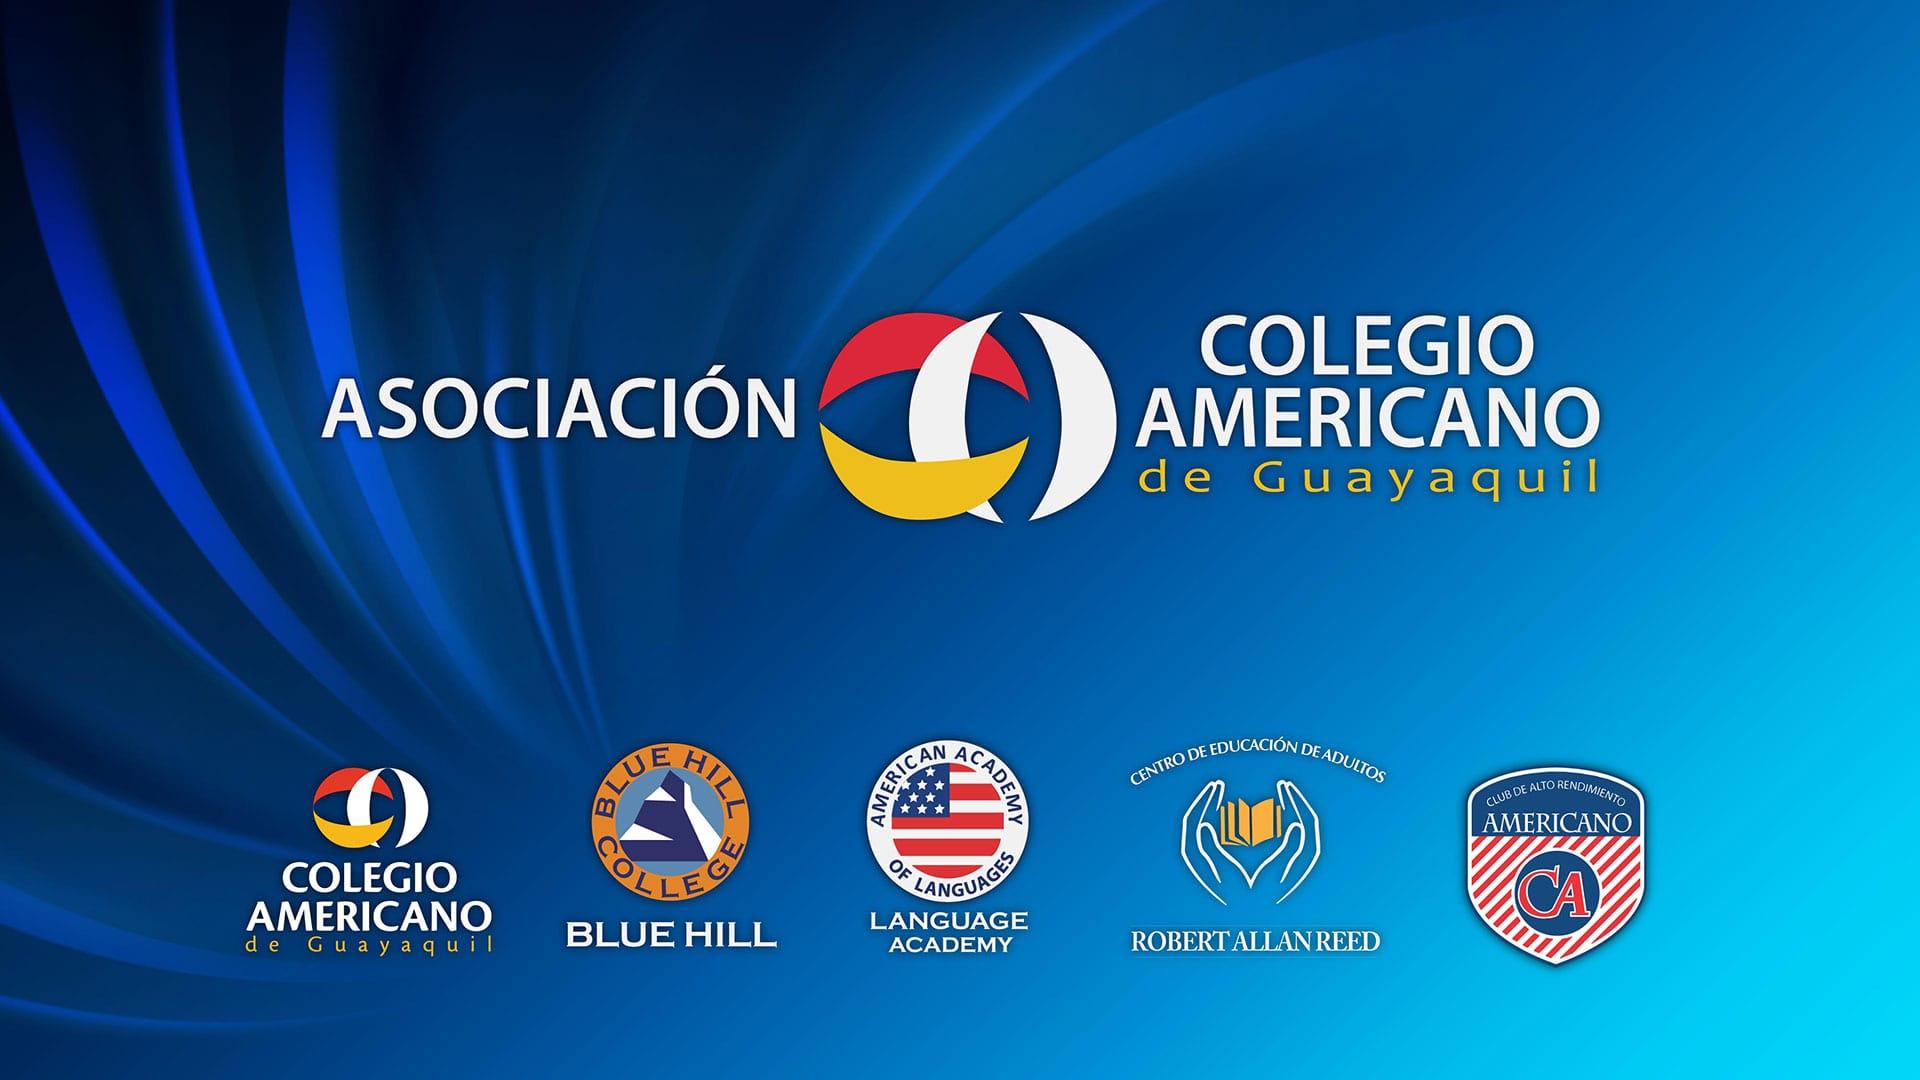 la asociación colegio americano de guayaquil